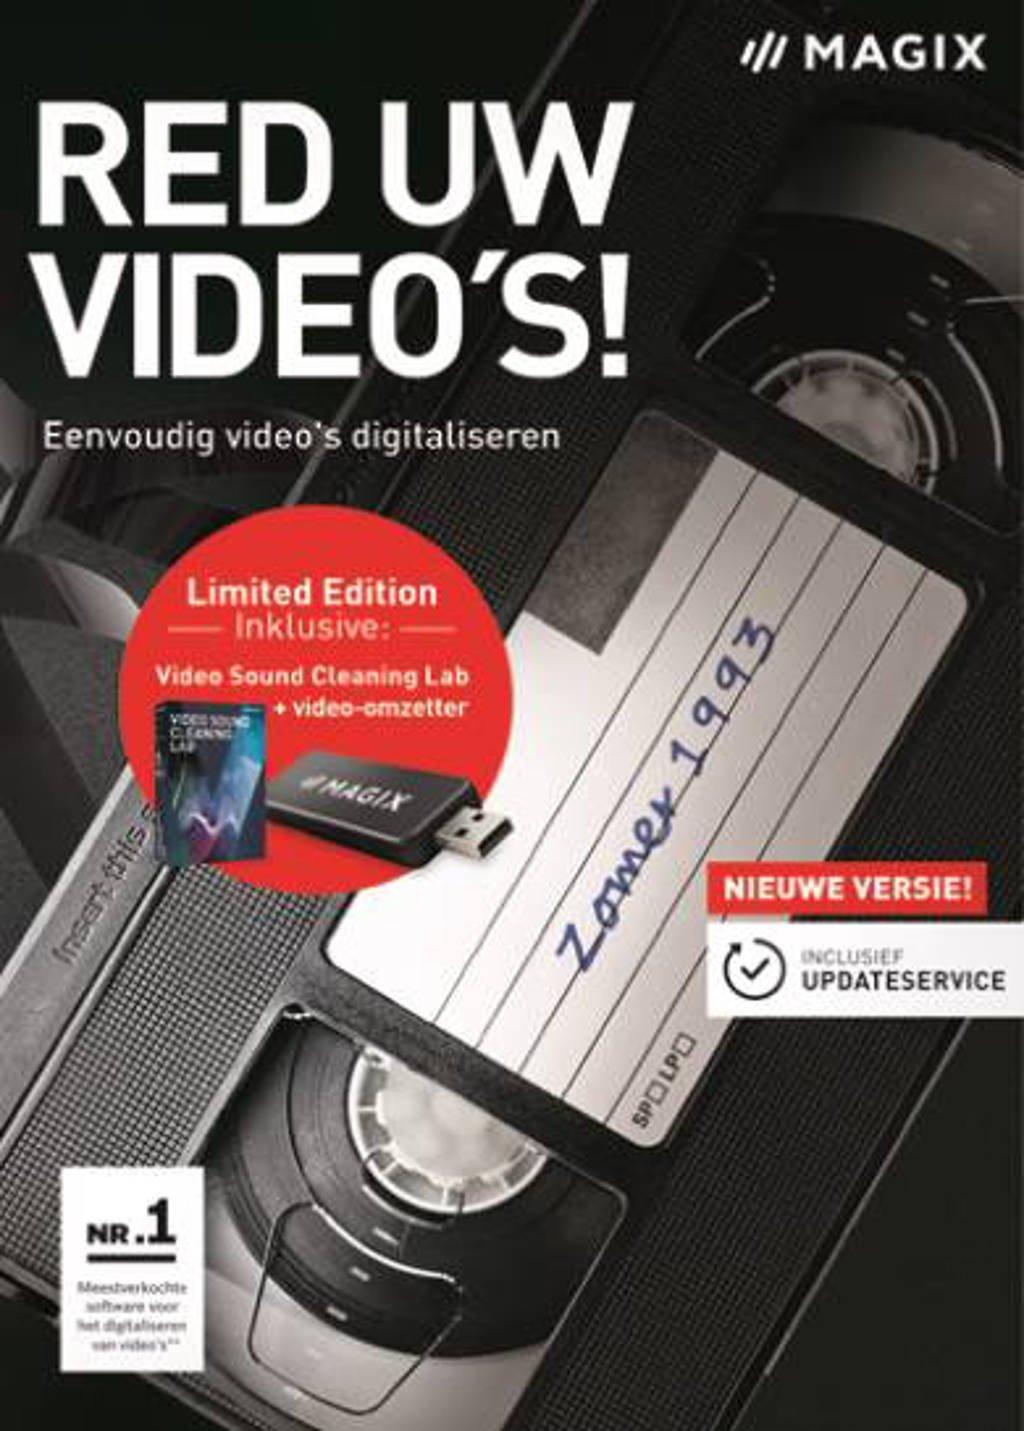 Magix red uw videos (PC)